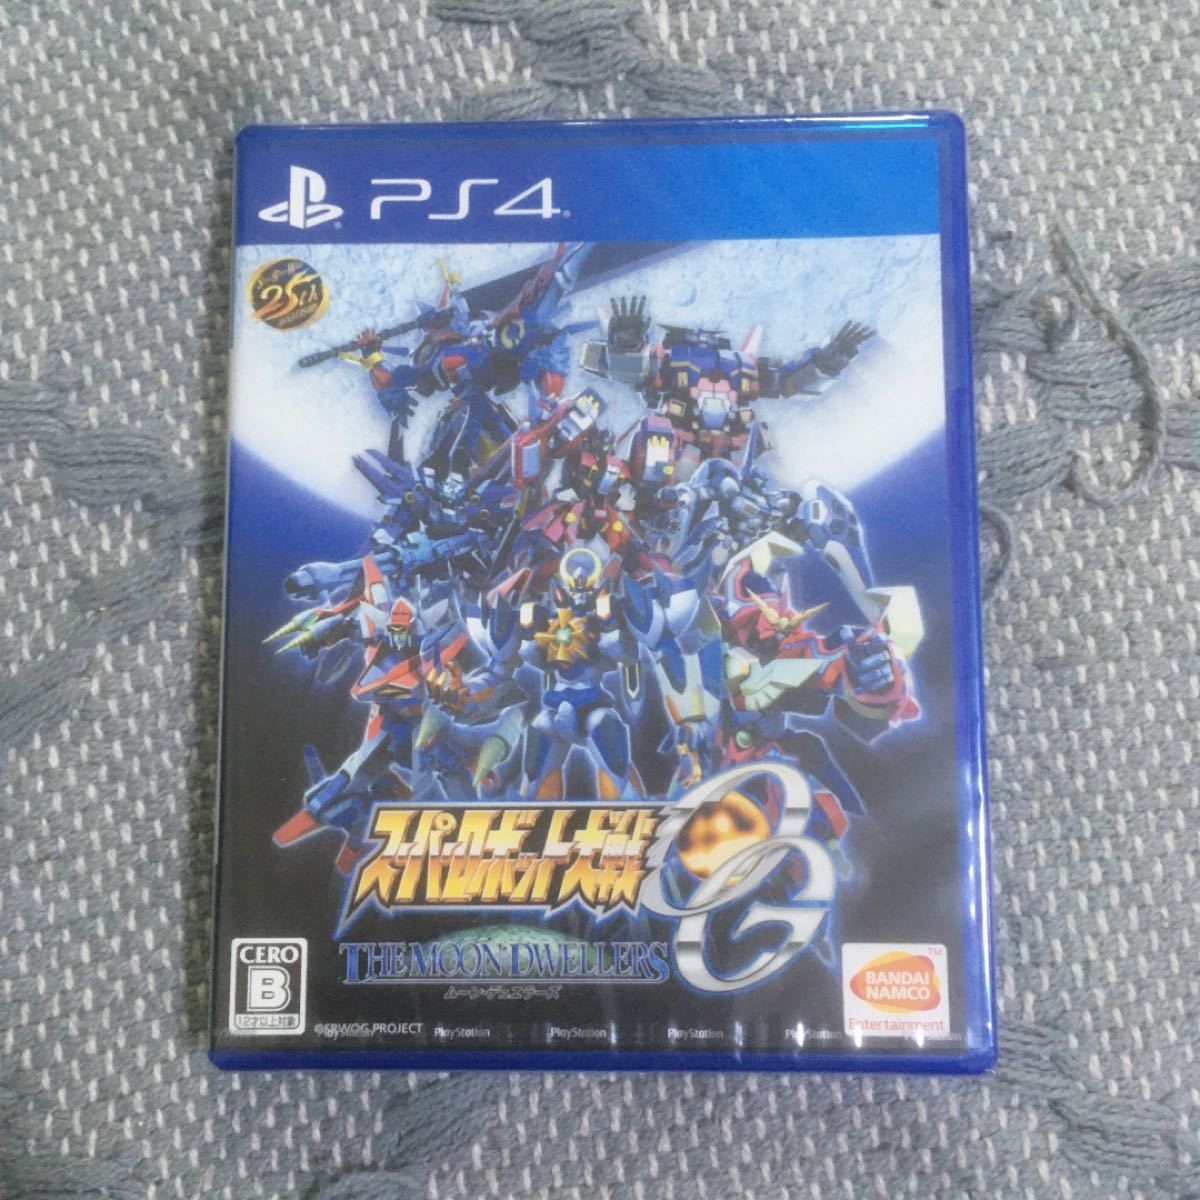 新品未開封【PS4】 スーパーロボット大戦OG ムーン・デュエラーズ [通常版]